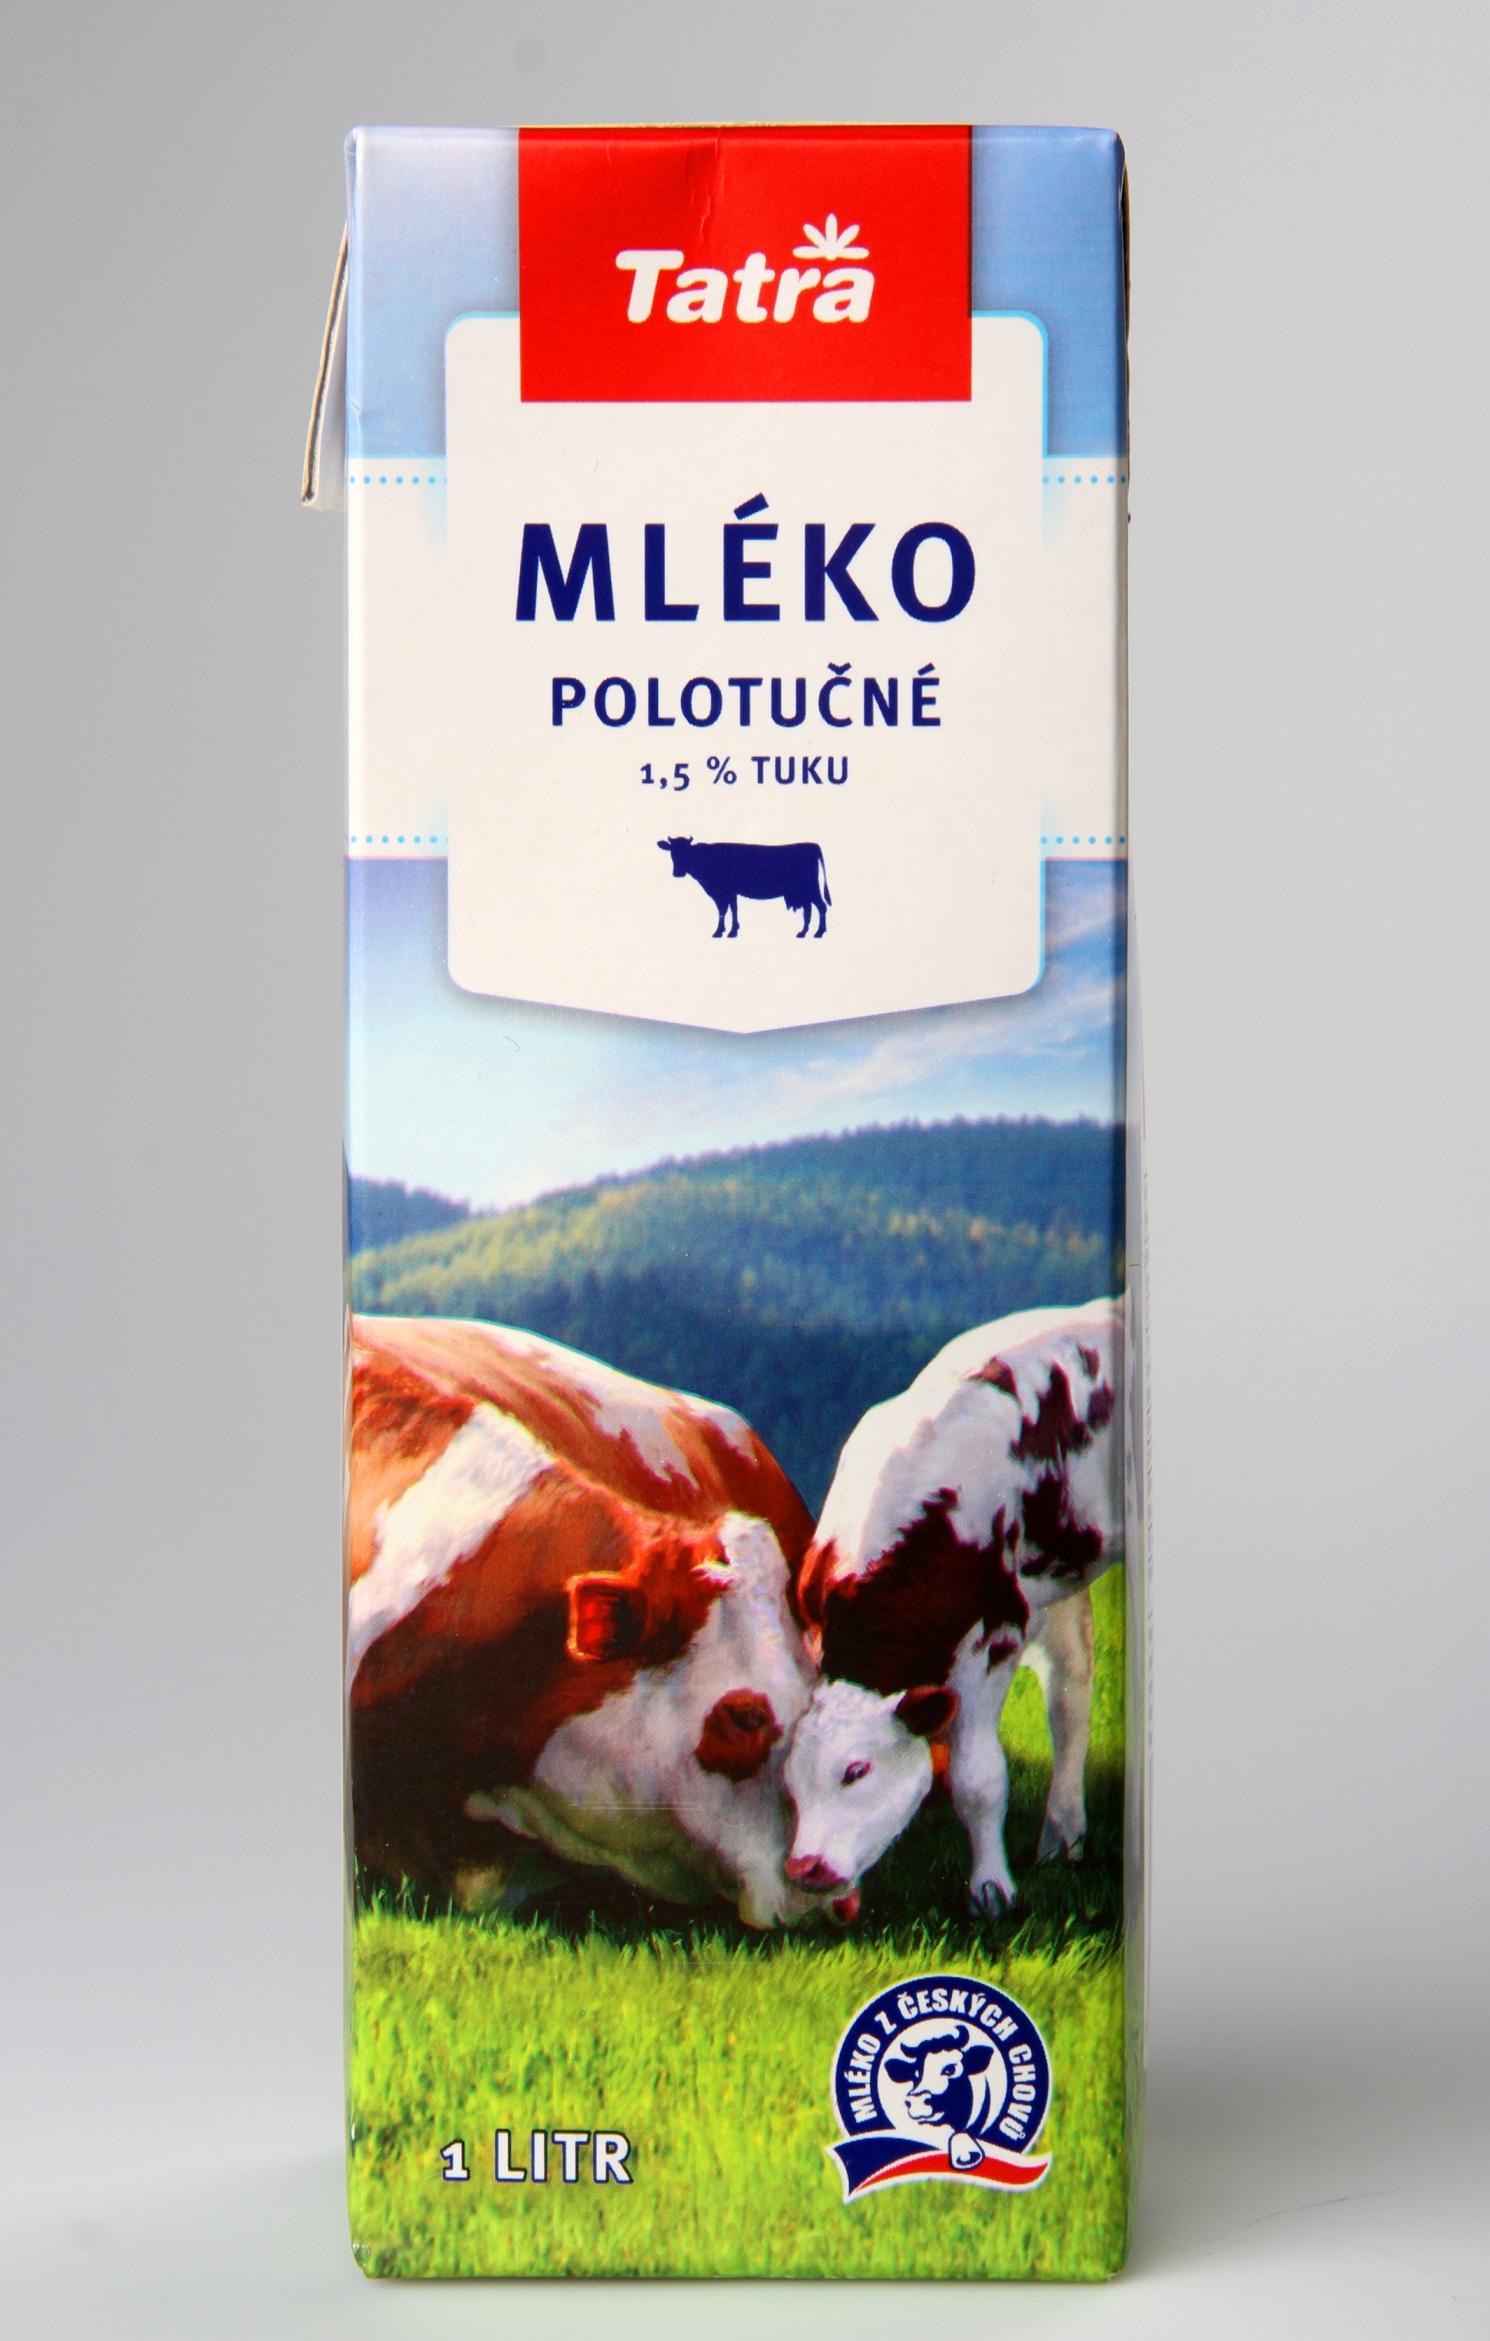 Tatra Mléko polotučné